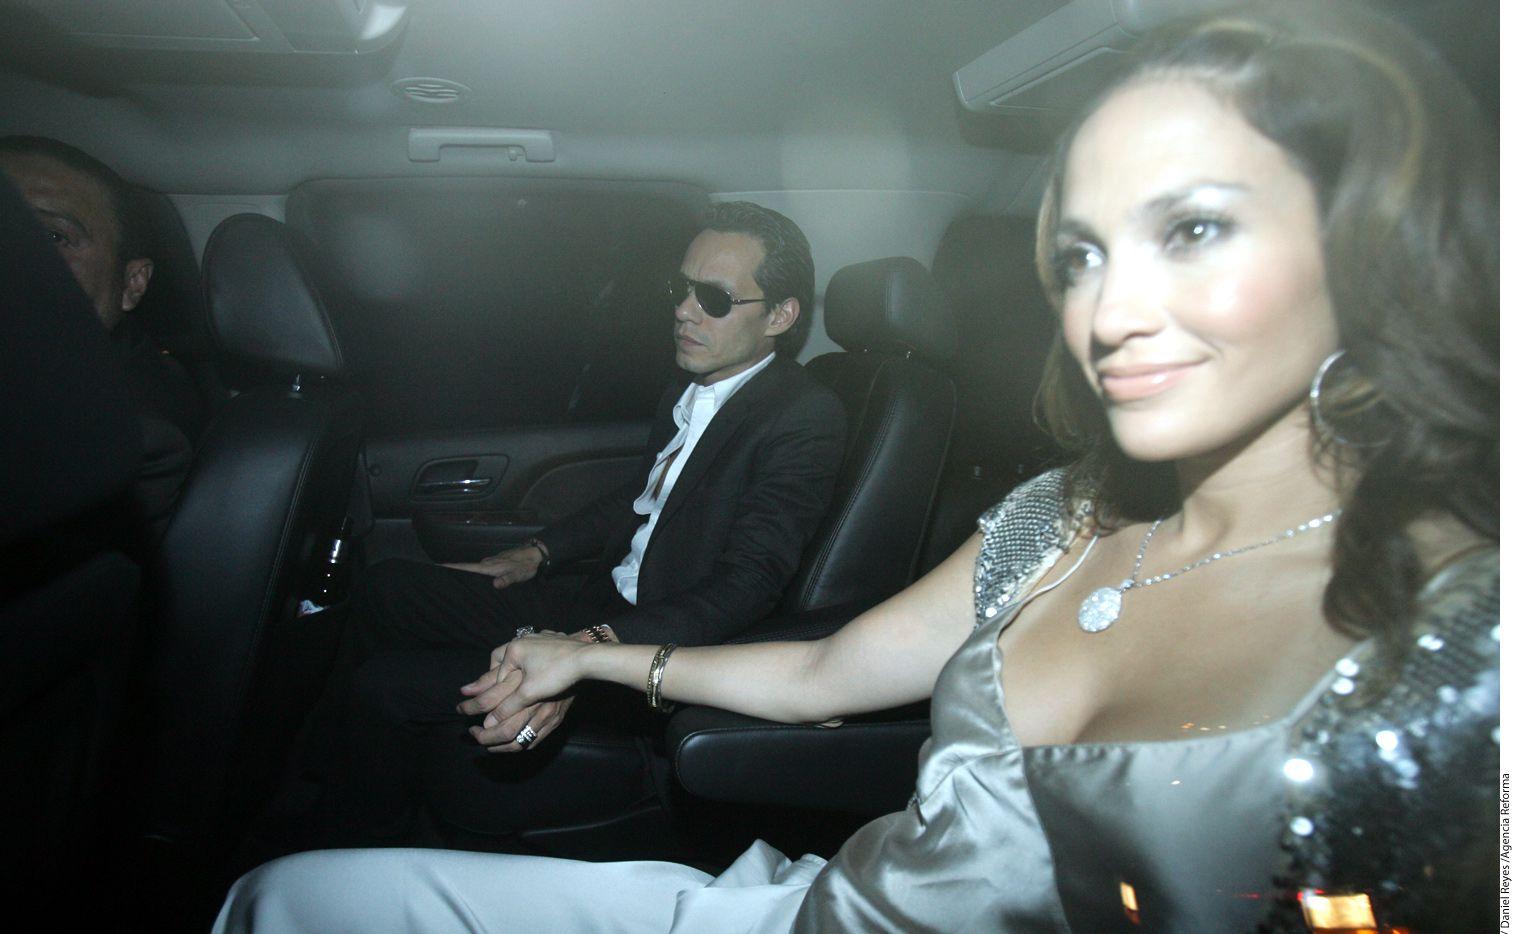 A finales de 2011 Jennifer Lopez y Smart comenzaron a salir. J.Lo se había separado de Marc Anthony, padre de sus gemelos, Max y Emme, de 8 años. /AGENCIA REFORMA